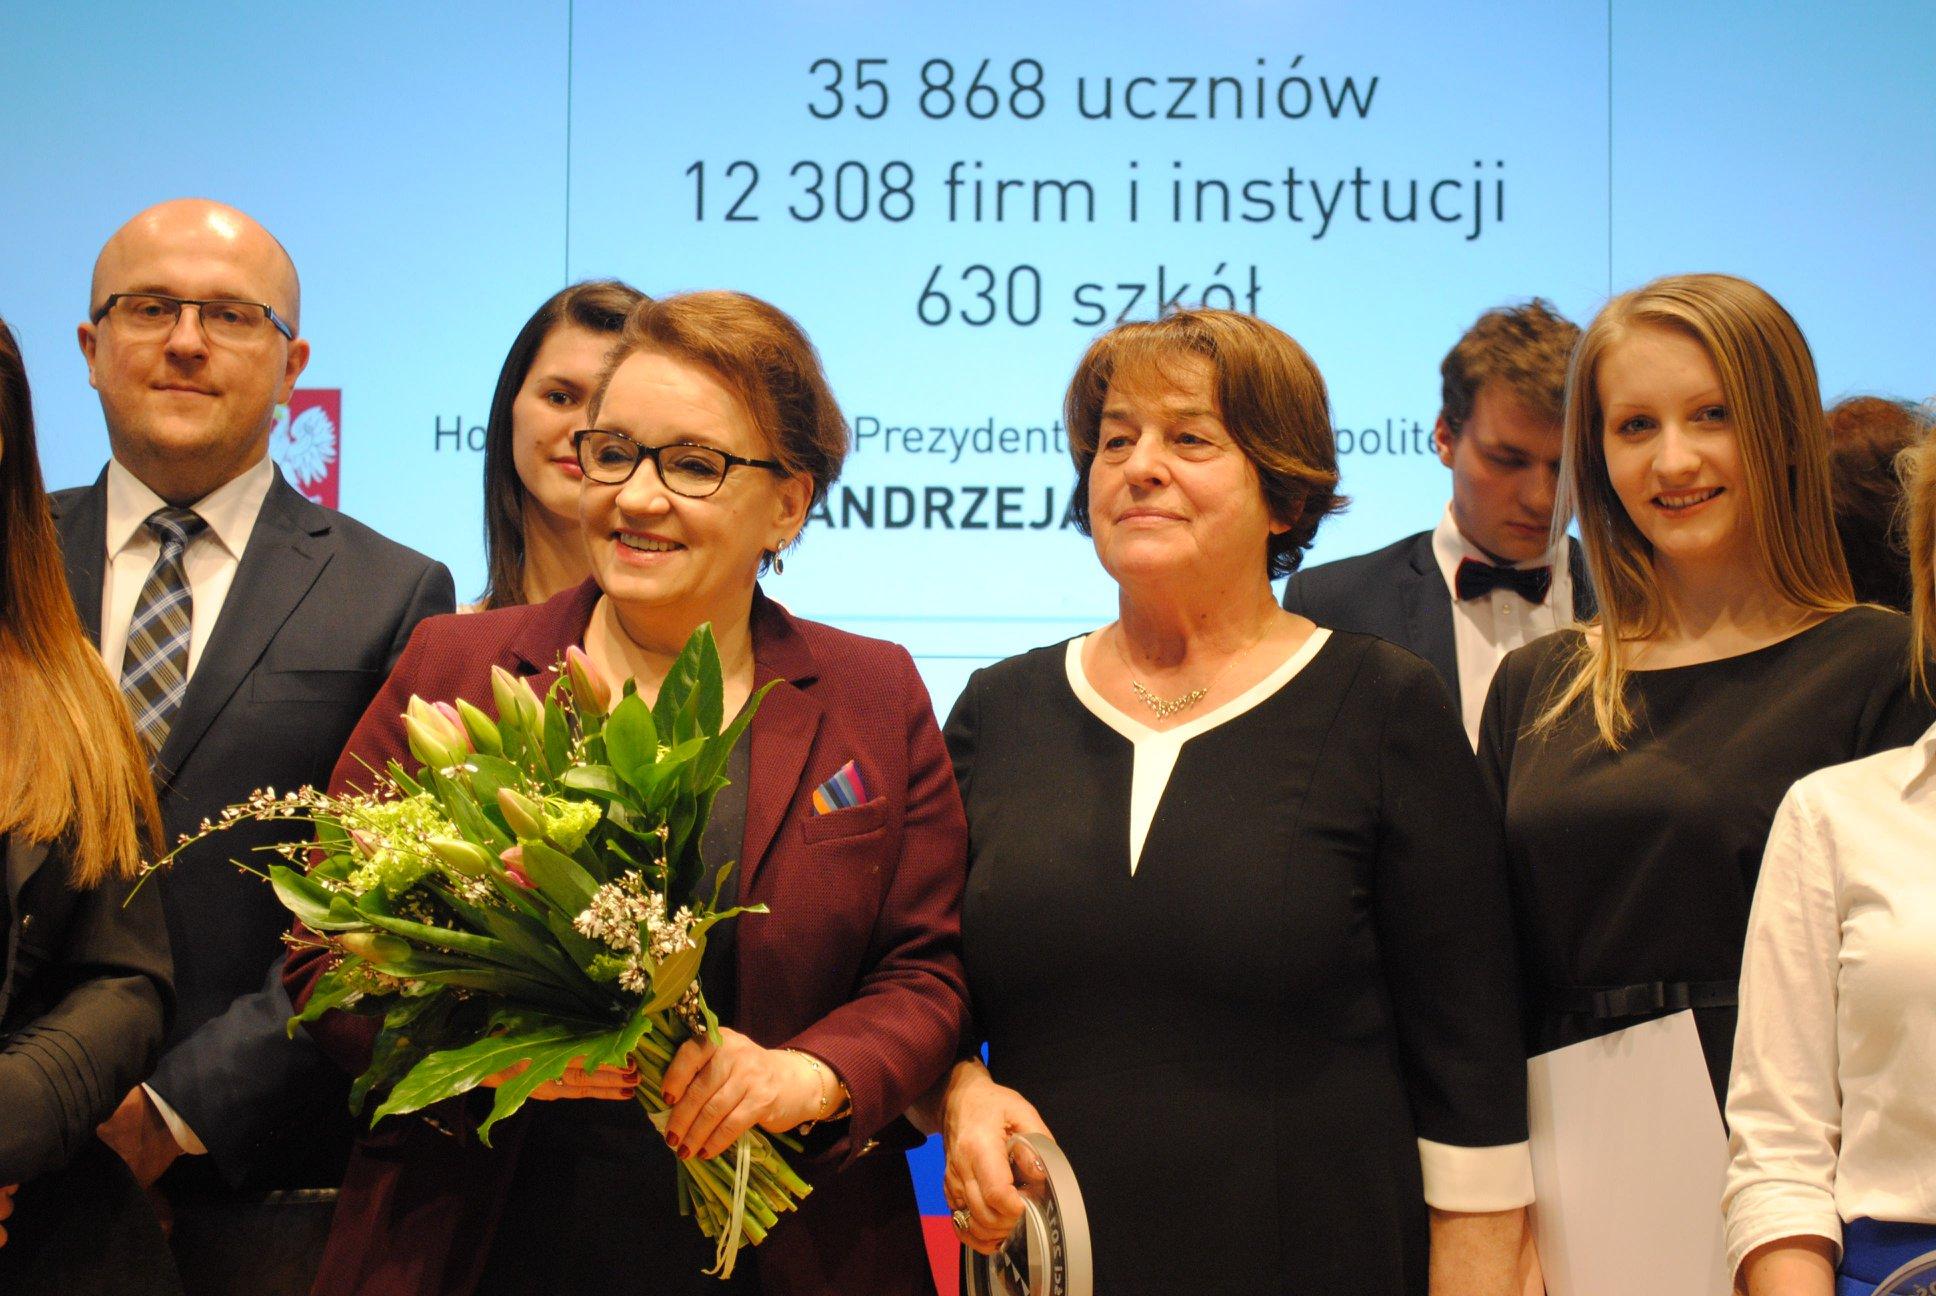 Dyrekcja Zespołu Szkół Tischnera wraz z Minister Edukacji Narodowej Anną Zalewska